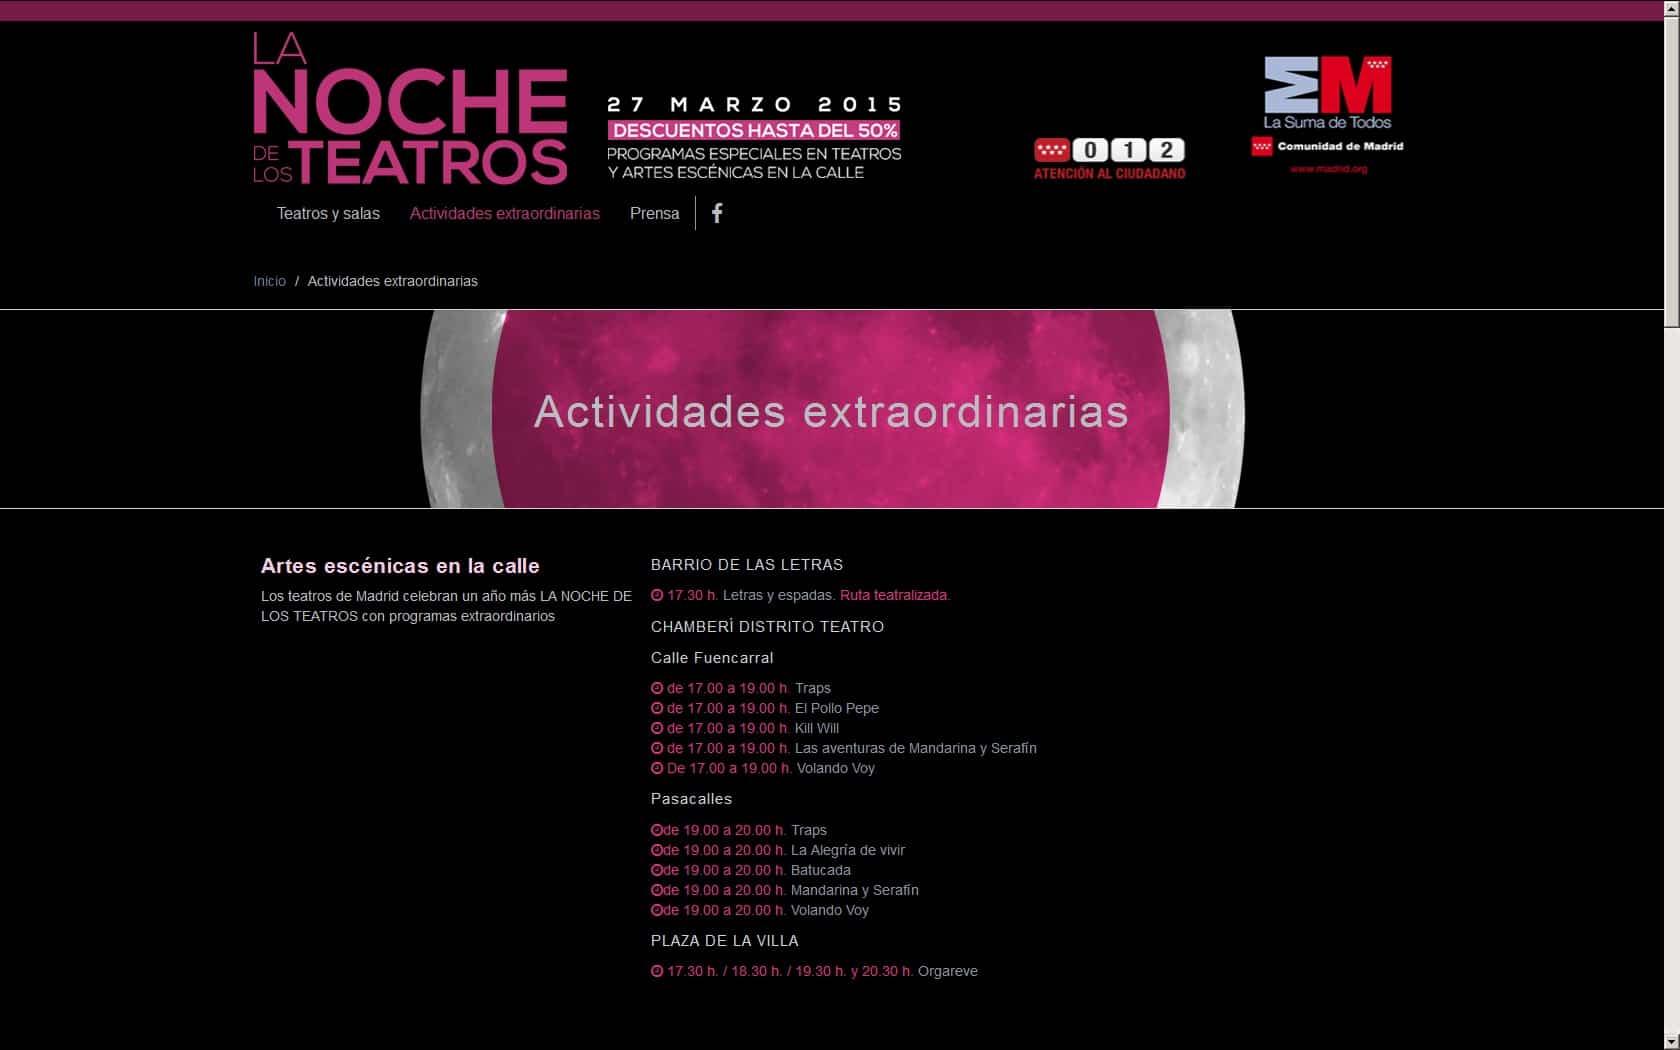 La Noche de los Teatros 3